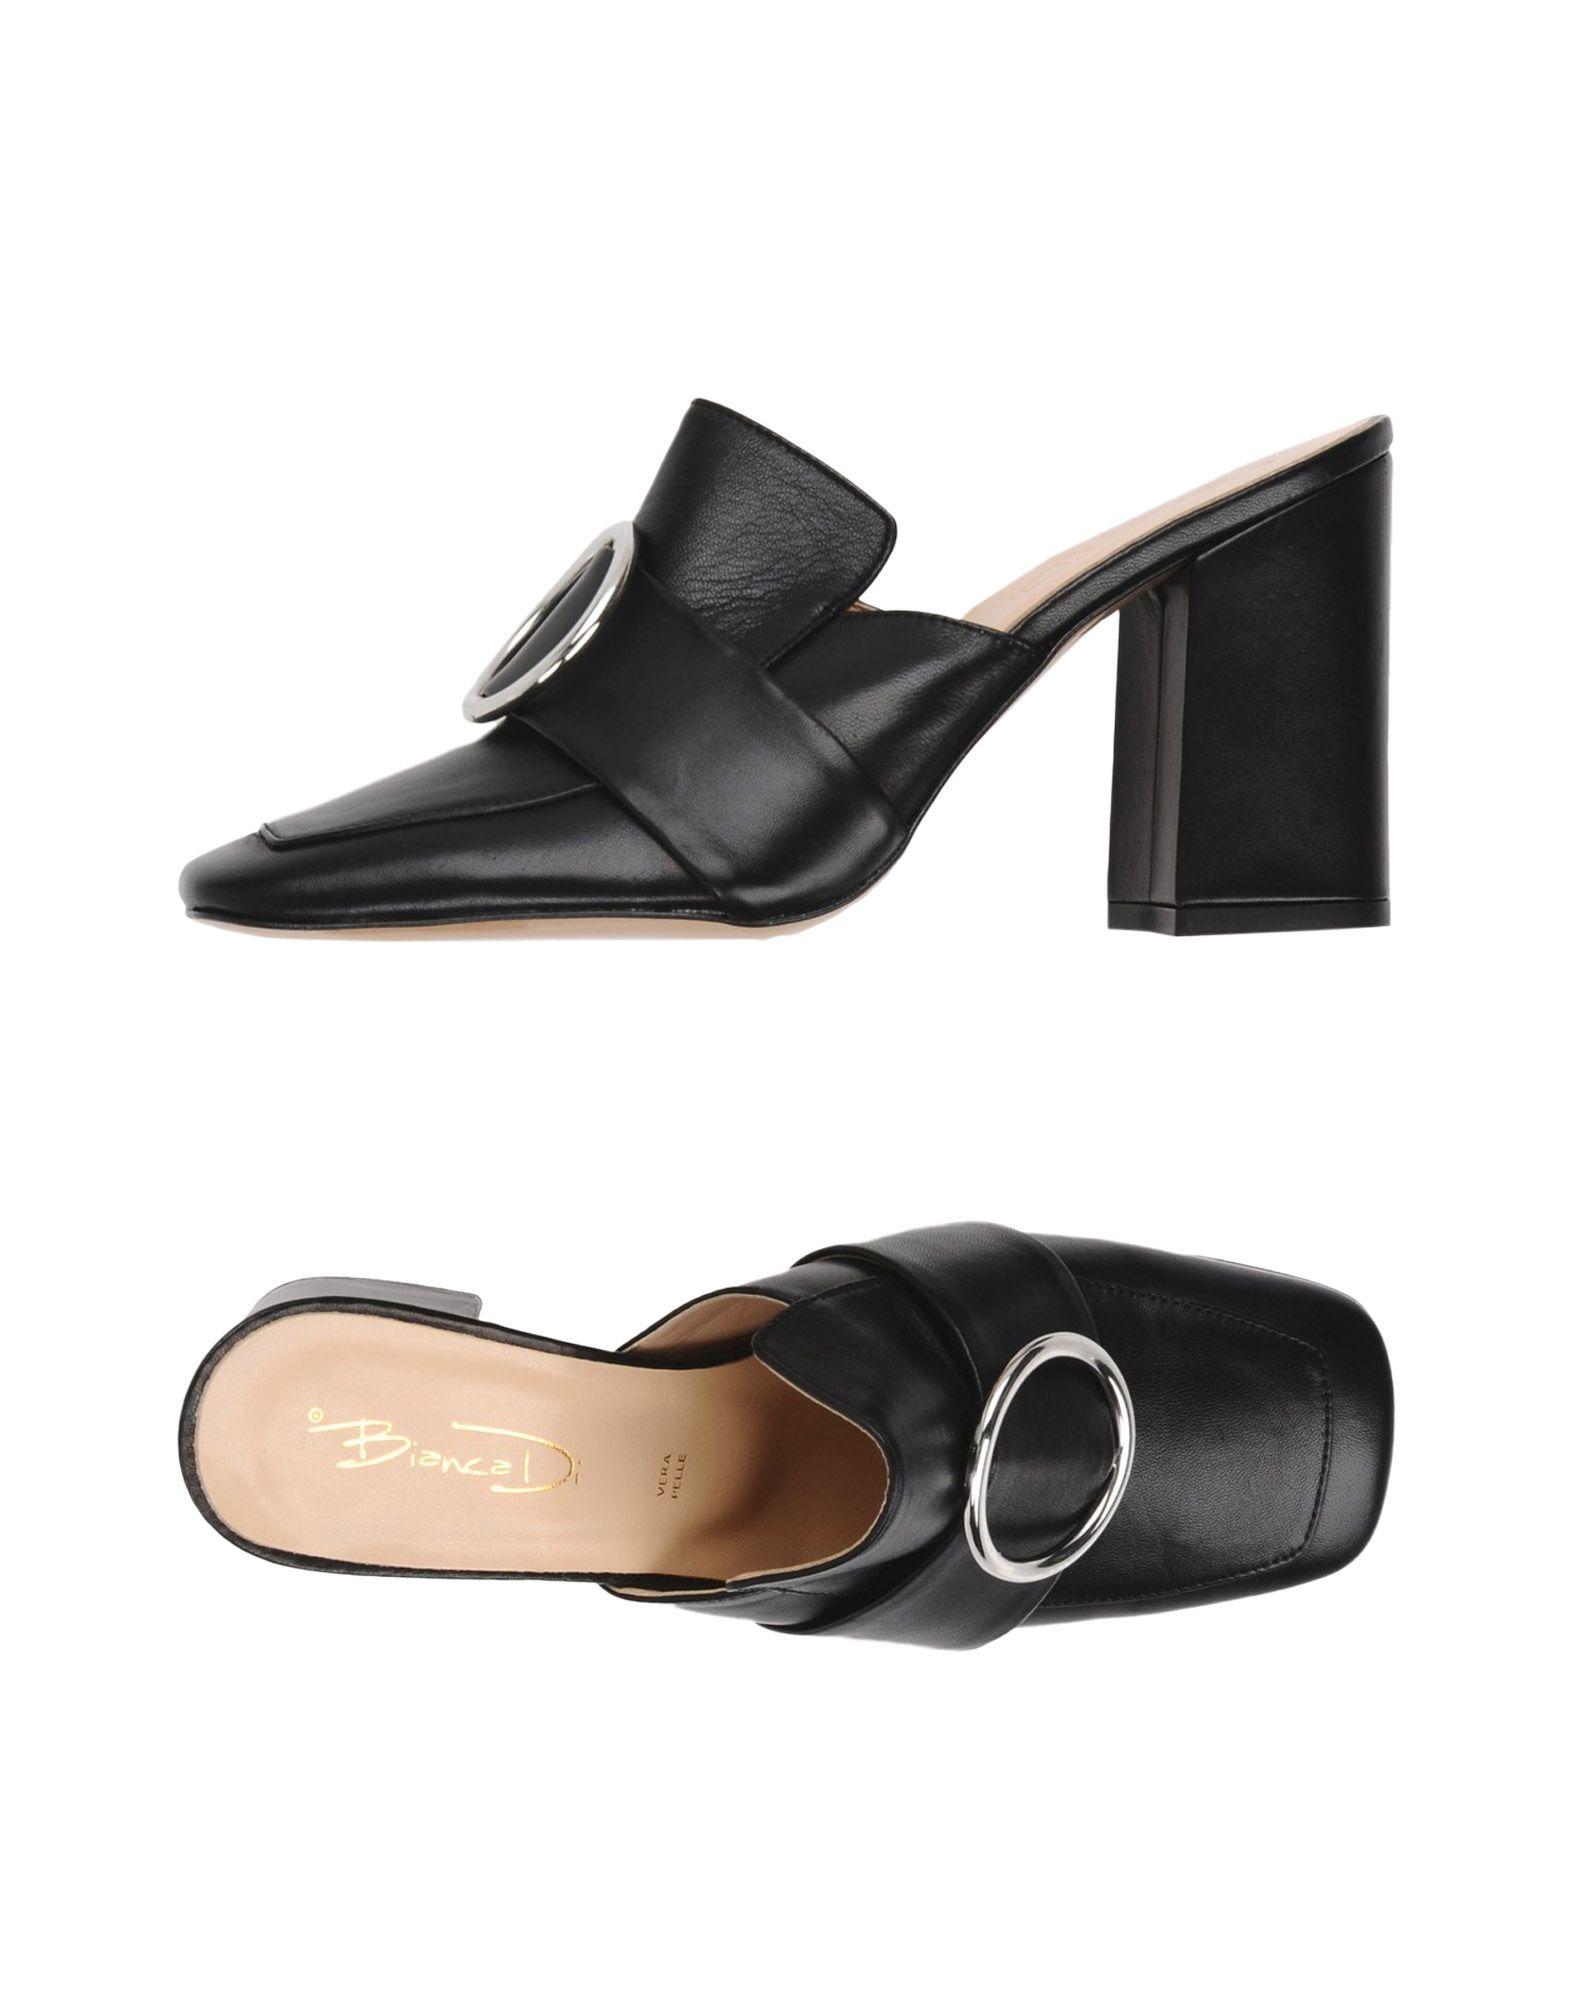 Bianca Di Pantoletten Damen  11440853BH Gute Qualität beliebte Schuhe